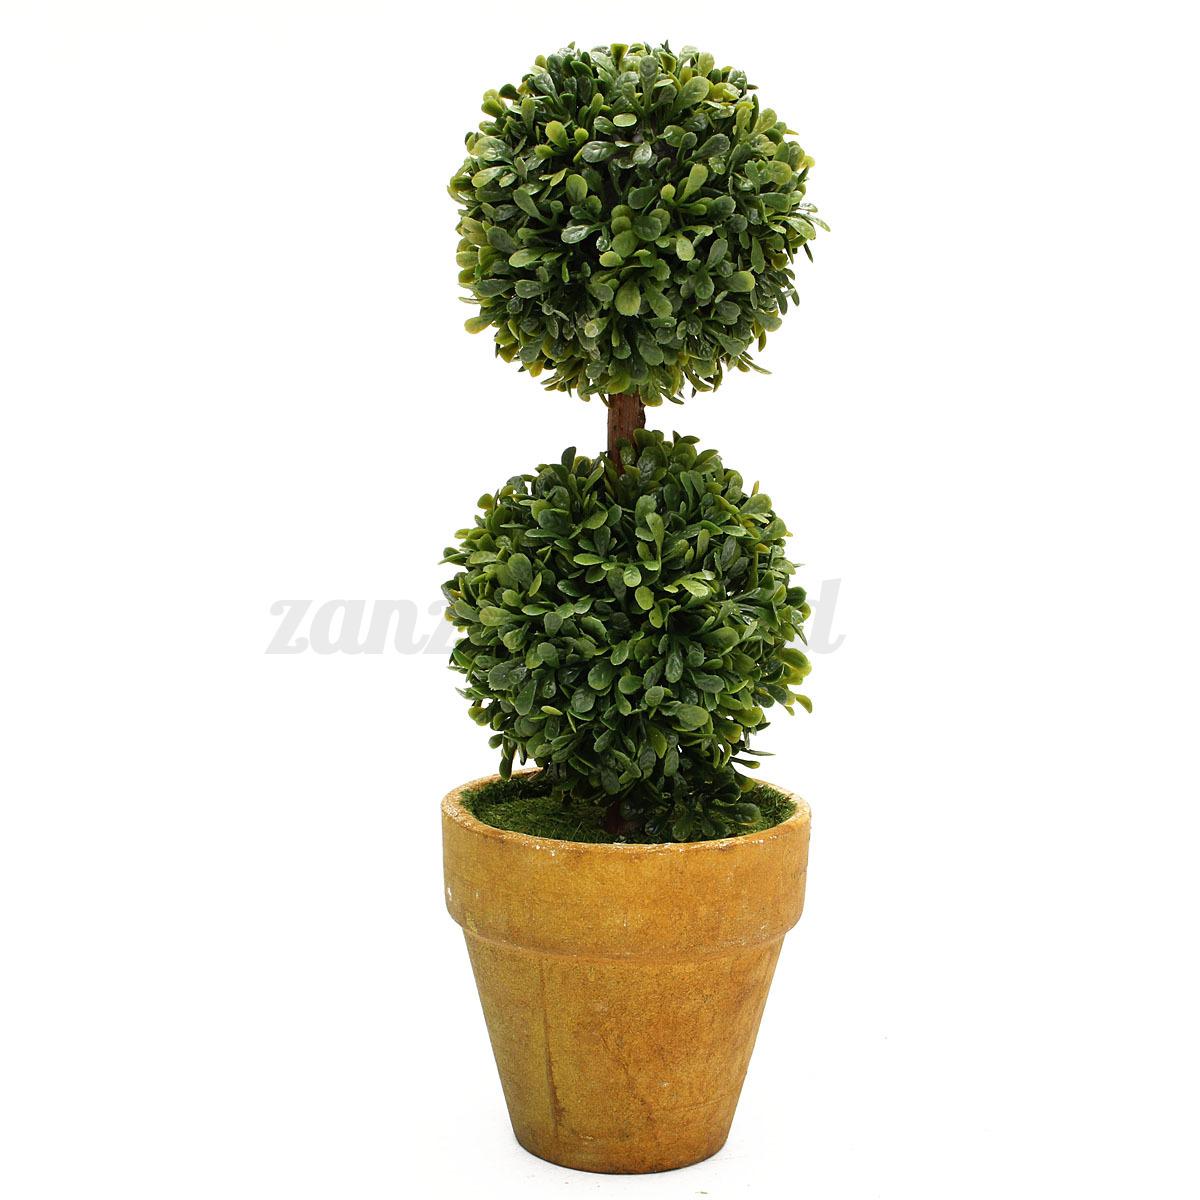 Artificial plastic trees in pots plants potted decor garden yard outdoor indoor ebay - Indoor potted flowers ...